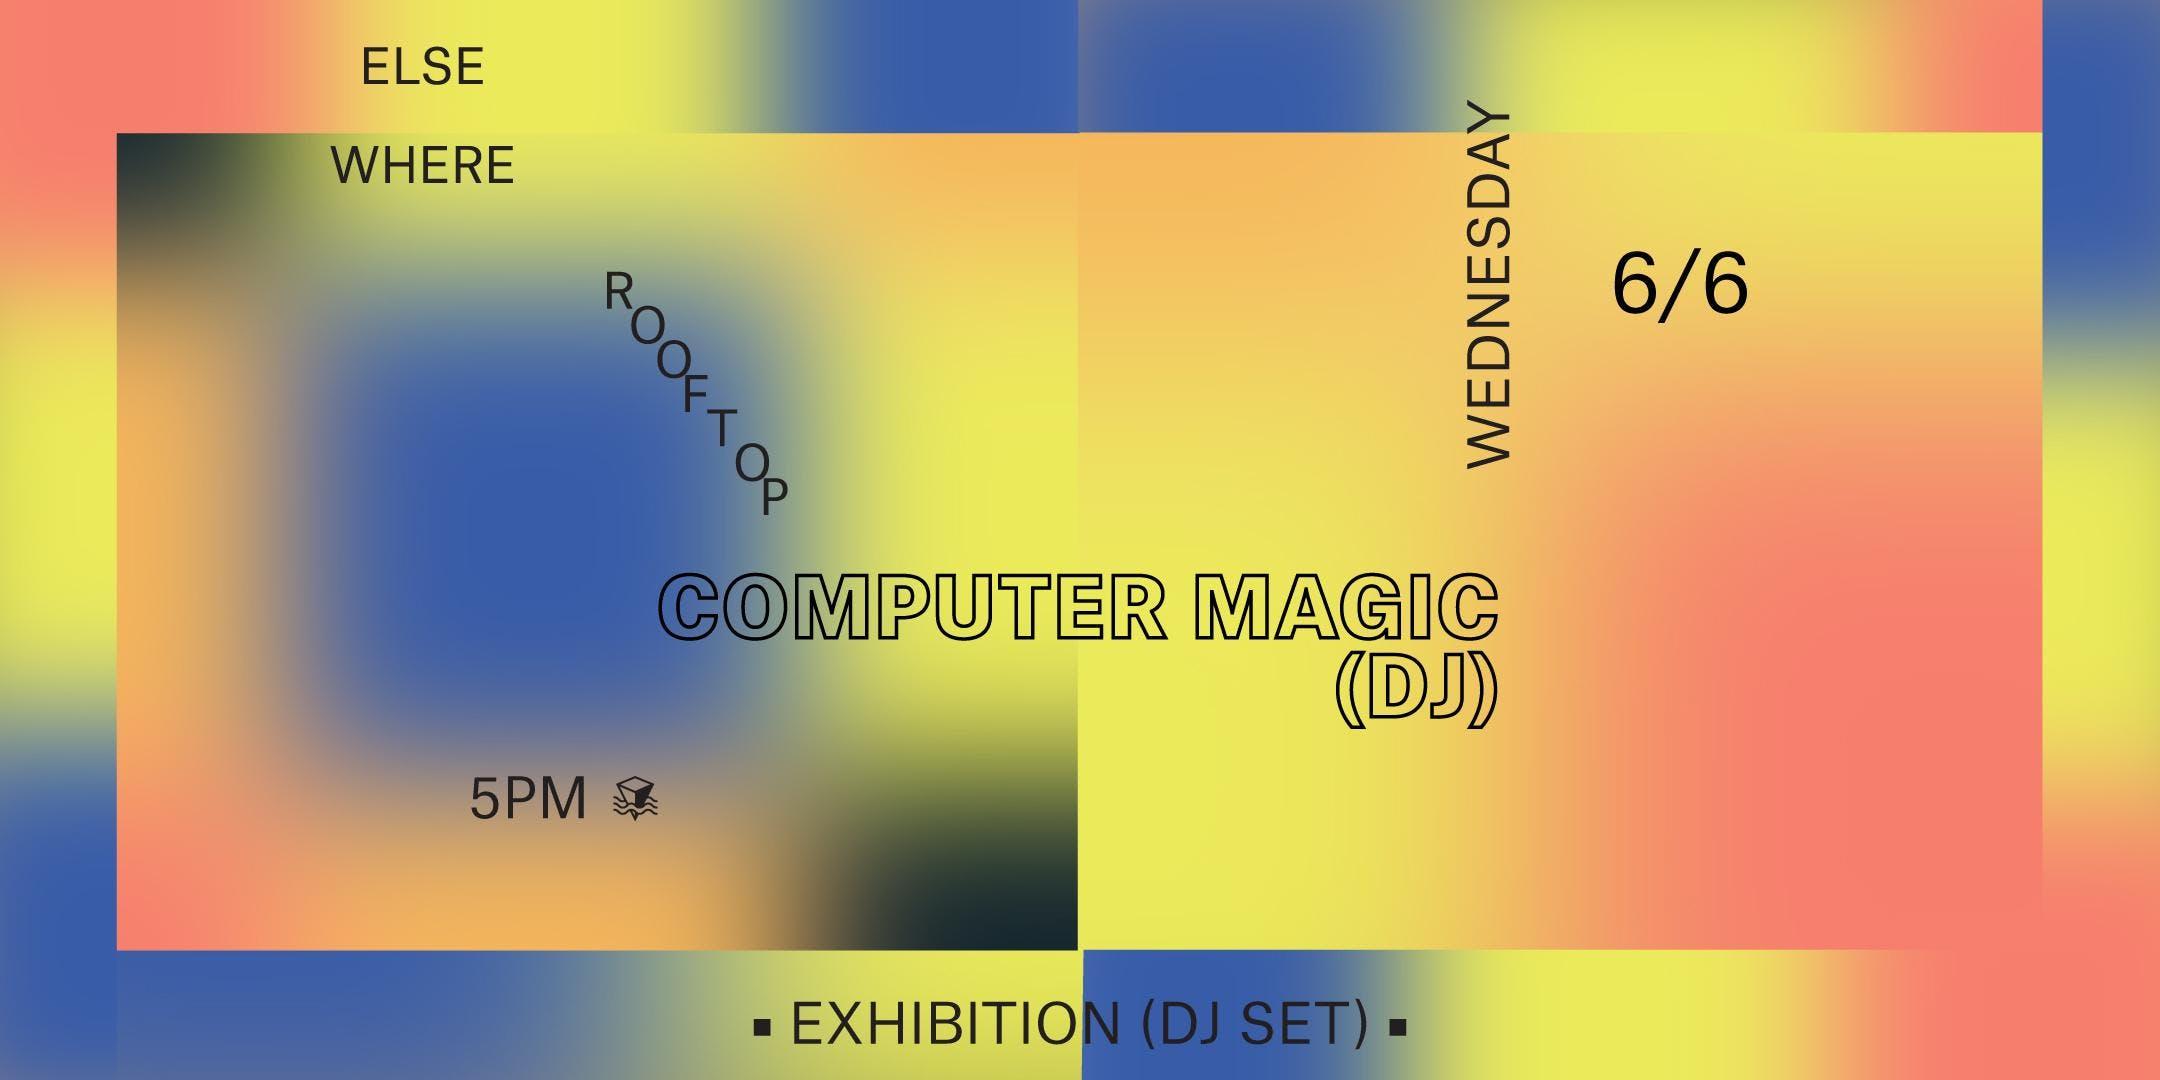 Computer Magic (DJ Set), Exhibition (DJ Set)